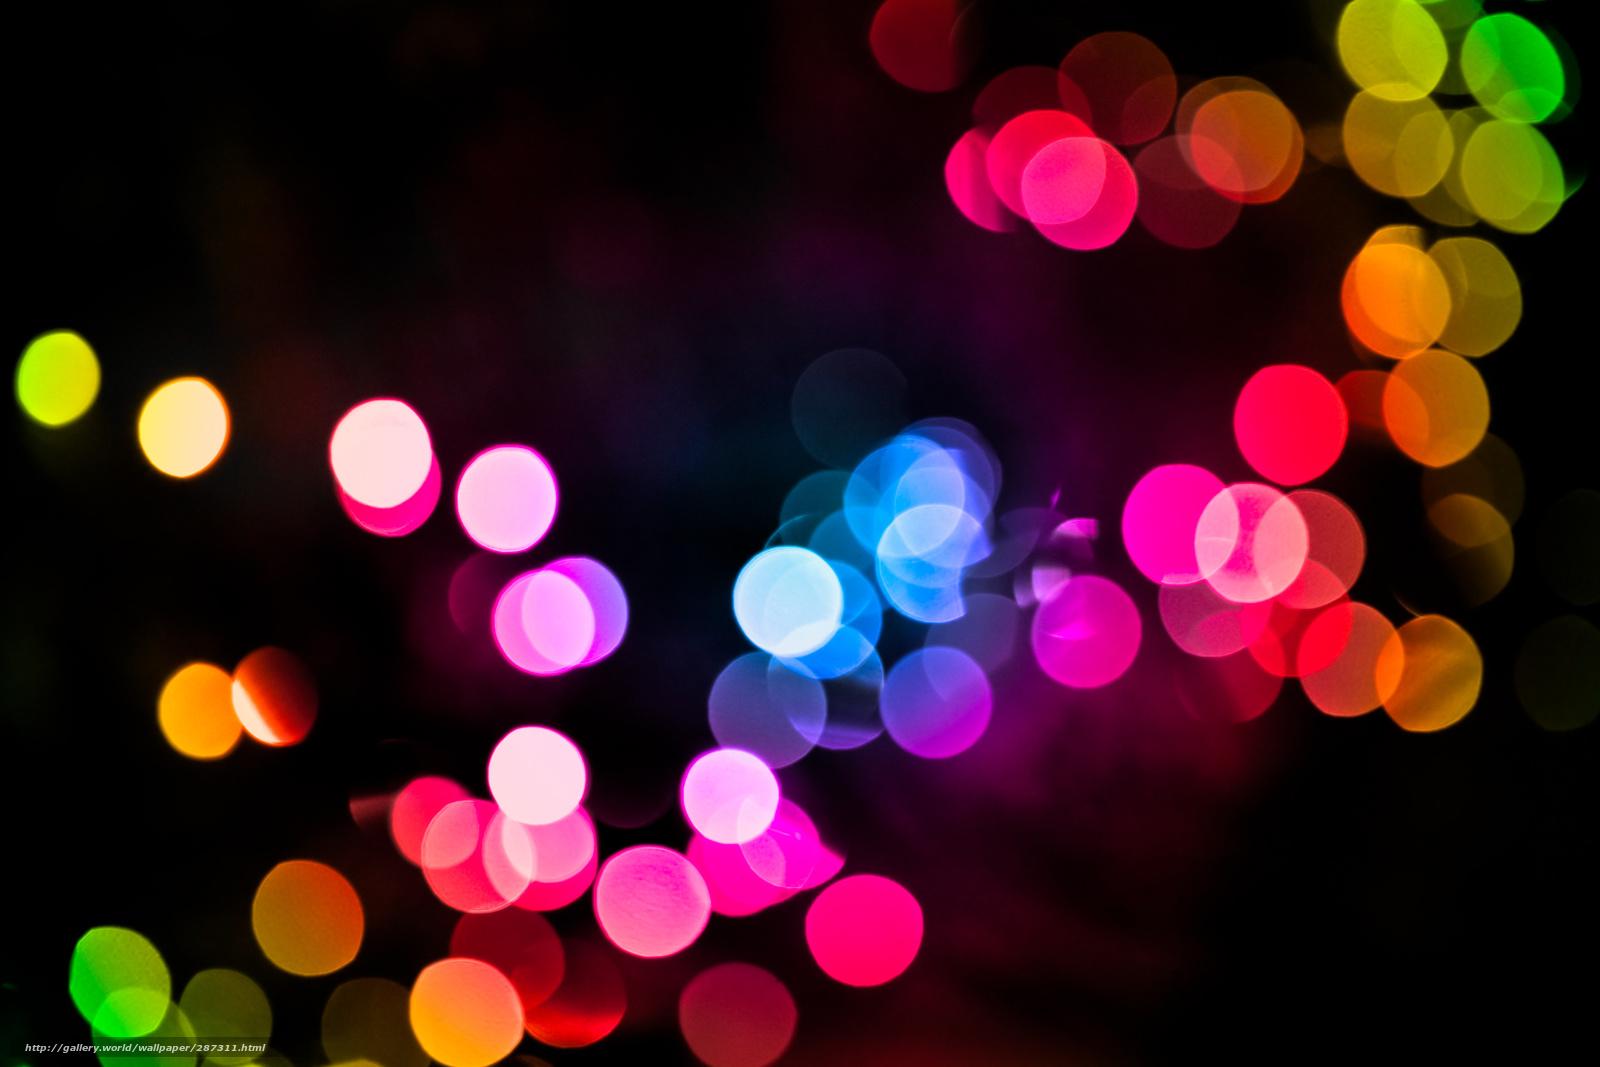 Скачать обои Япония,   Киото,   цветные,   огни бесплатно для рабочего стола в разрешении 5616x3744 — картинка №287311